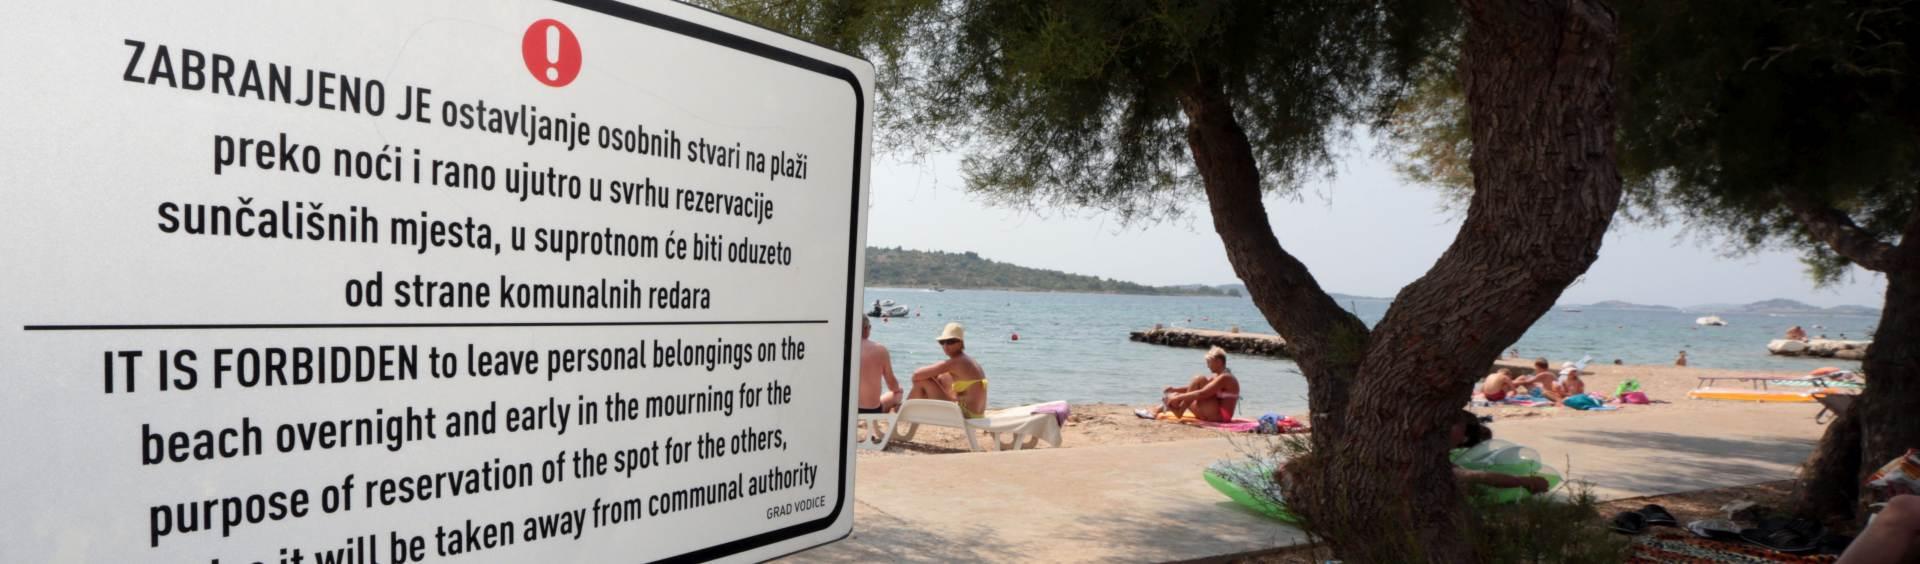 """NAKON ŠPANJOLSKE: I Hrvatska zabranila """"rezervacije mjesta na plaži"""